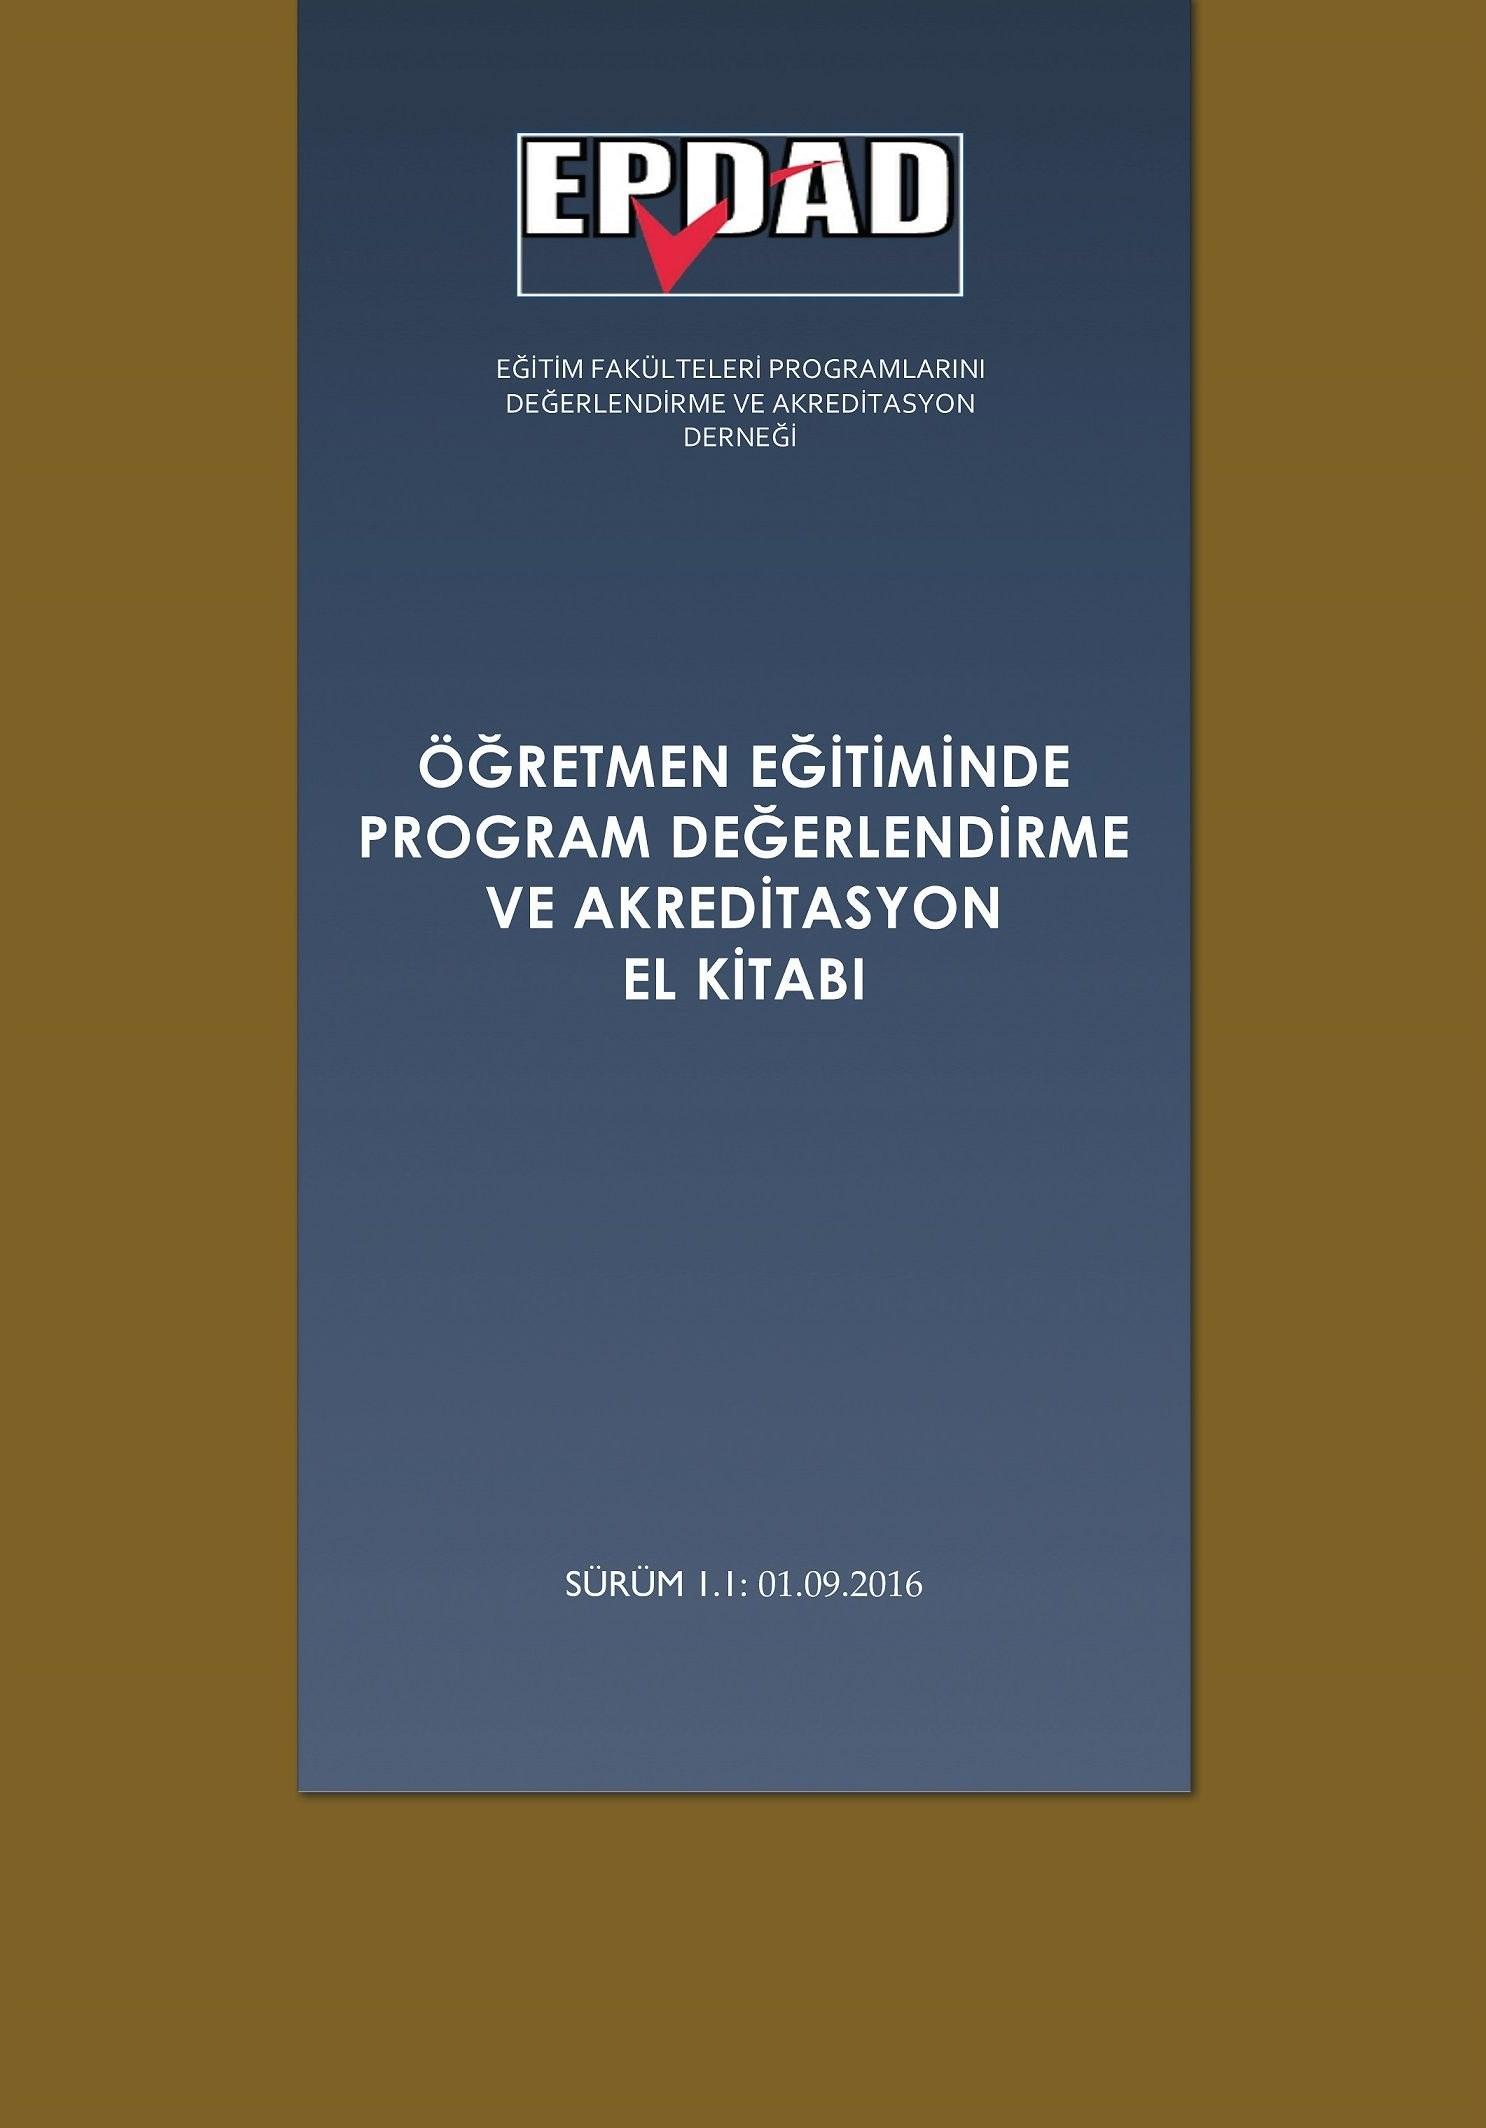 Öğretmen Eğitiminde Program Değerlendirme ve Akreditasyon El Kitabı